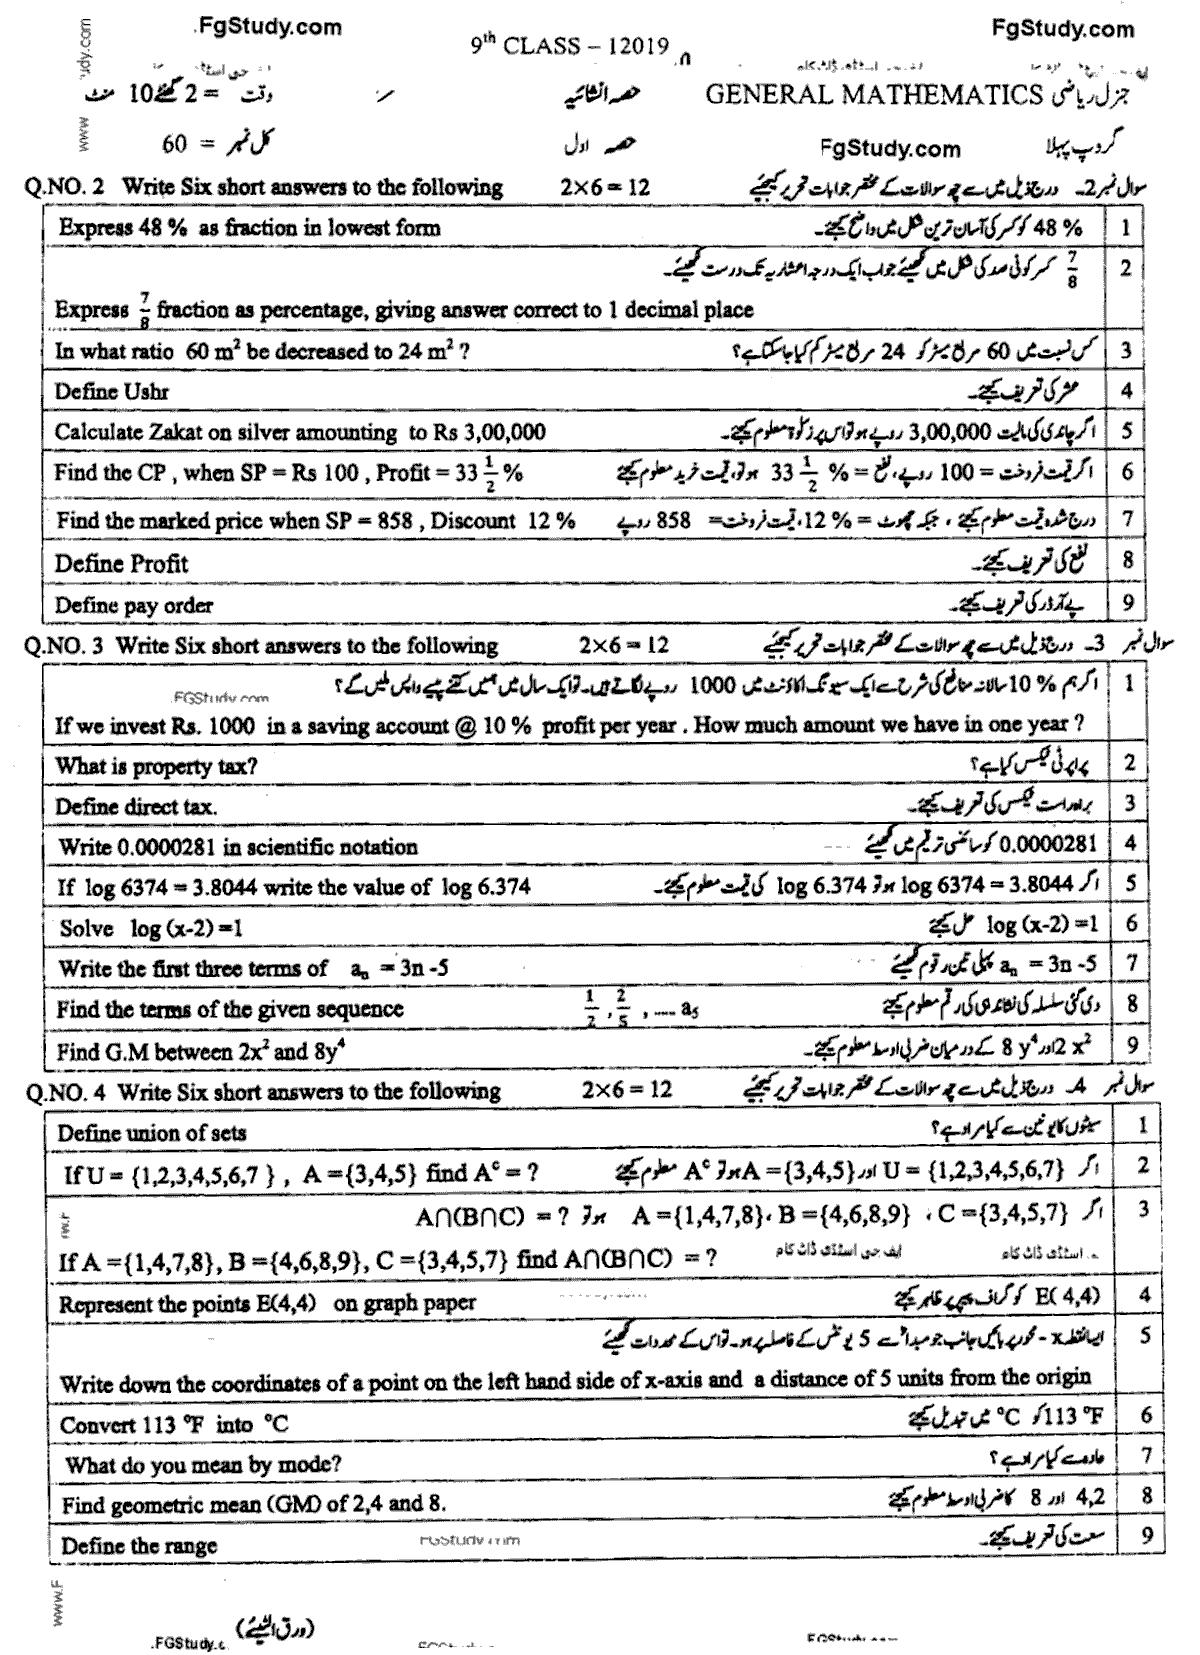 9th Class Gen Maths Past Paper 2019 Group 1 Subjective Dera Ghazi Khan Board